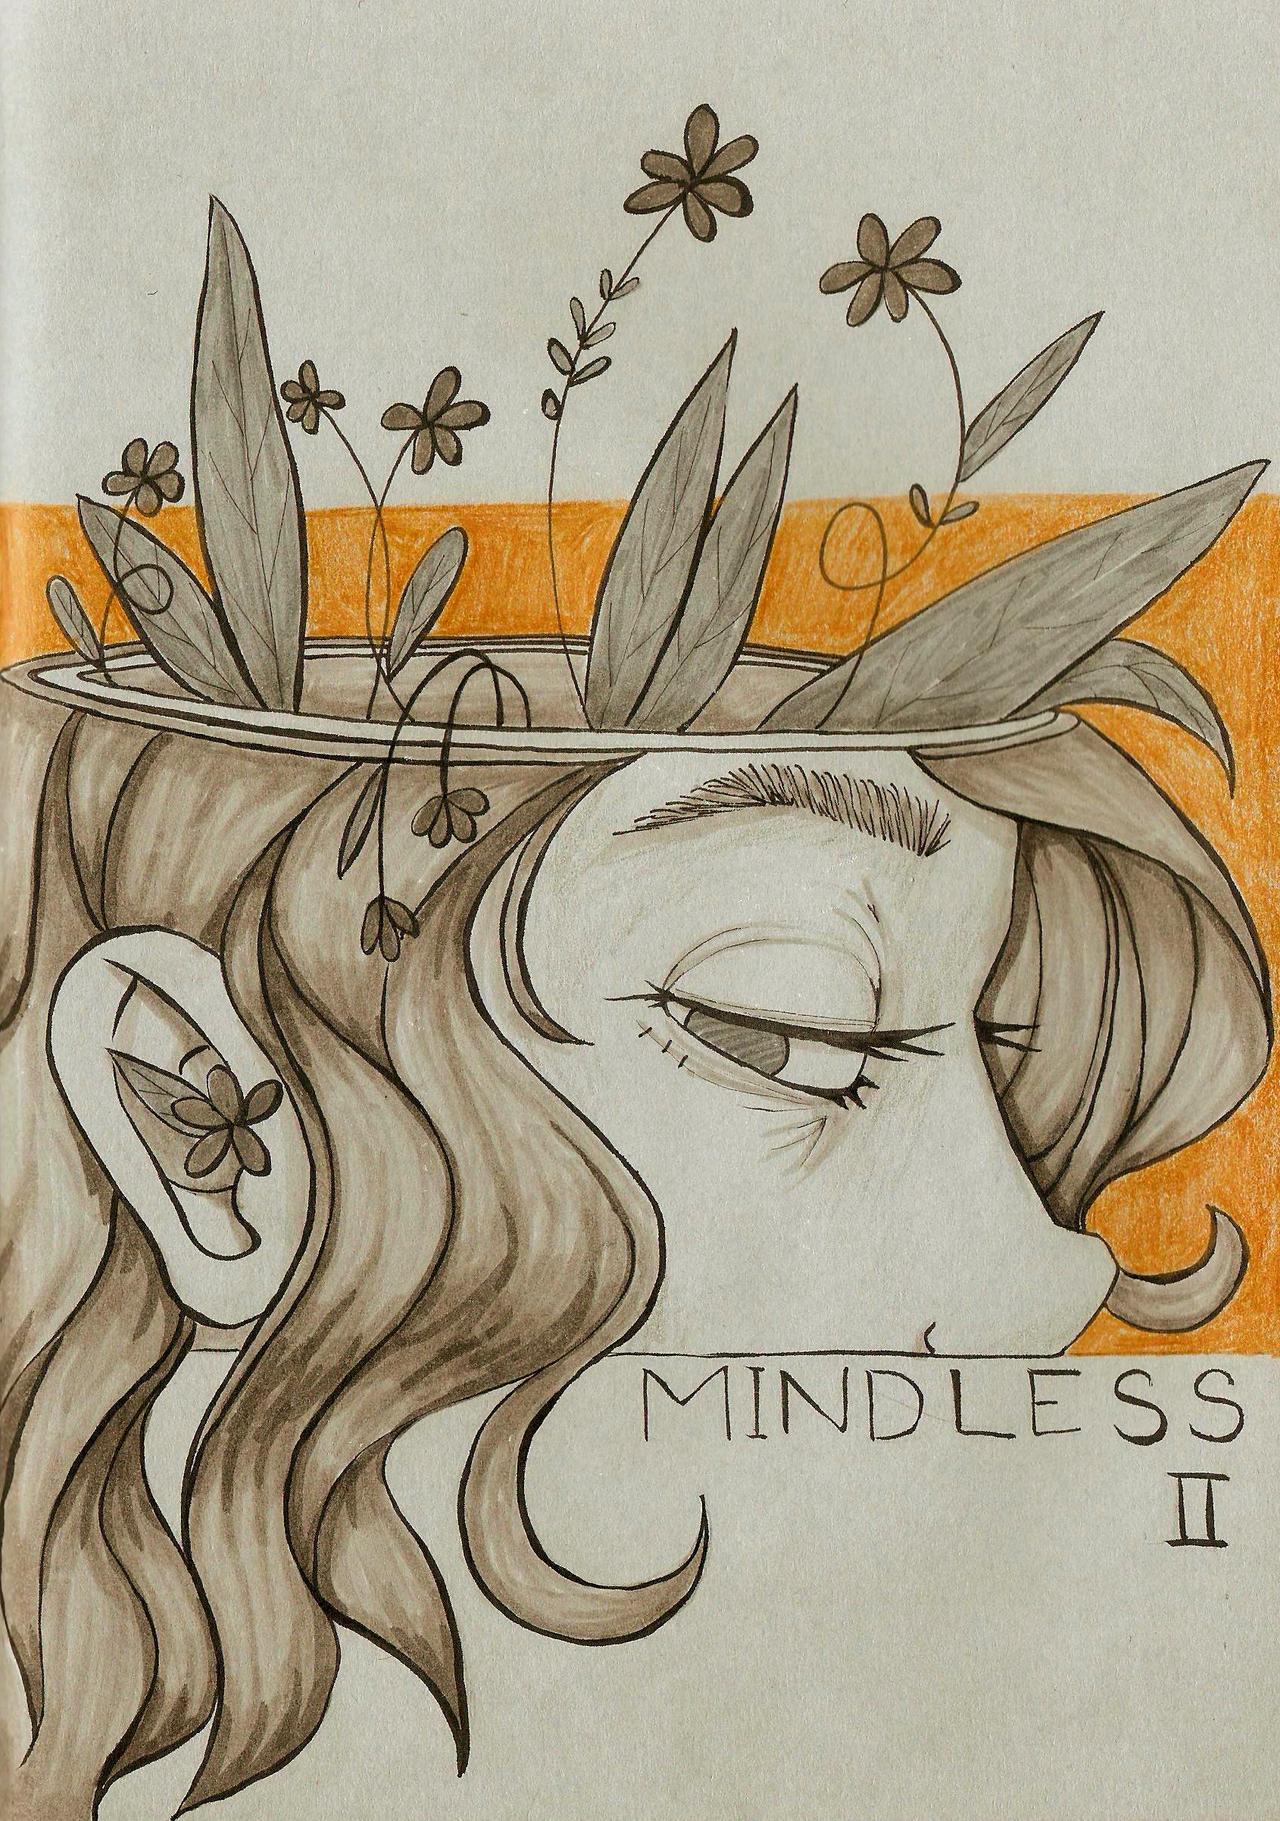 2. Mindless